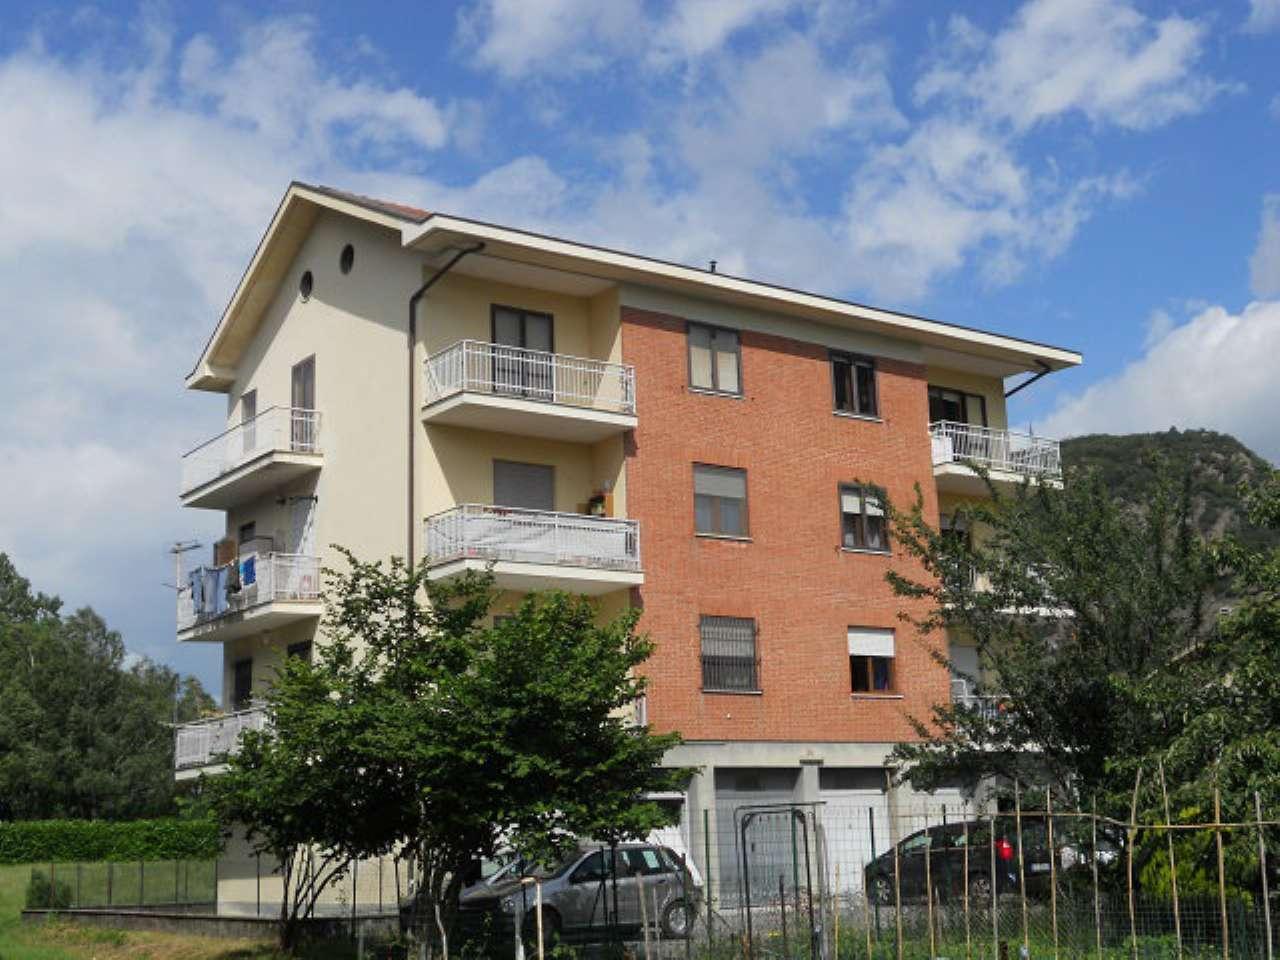 Appartamento ristrutturato in vendita Rif. 5181185